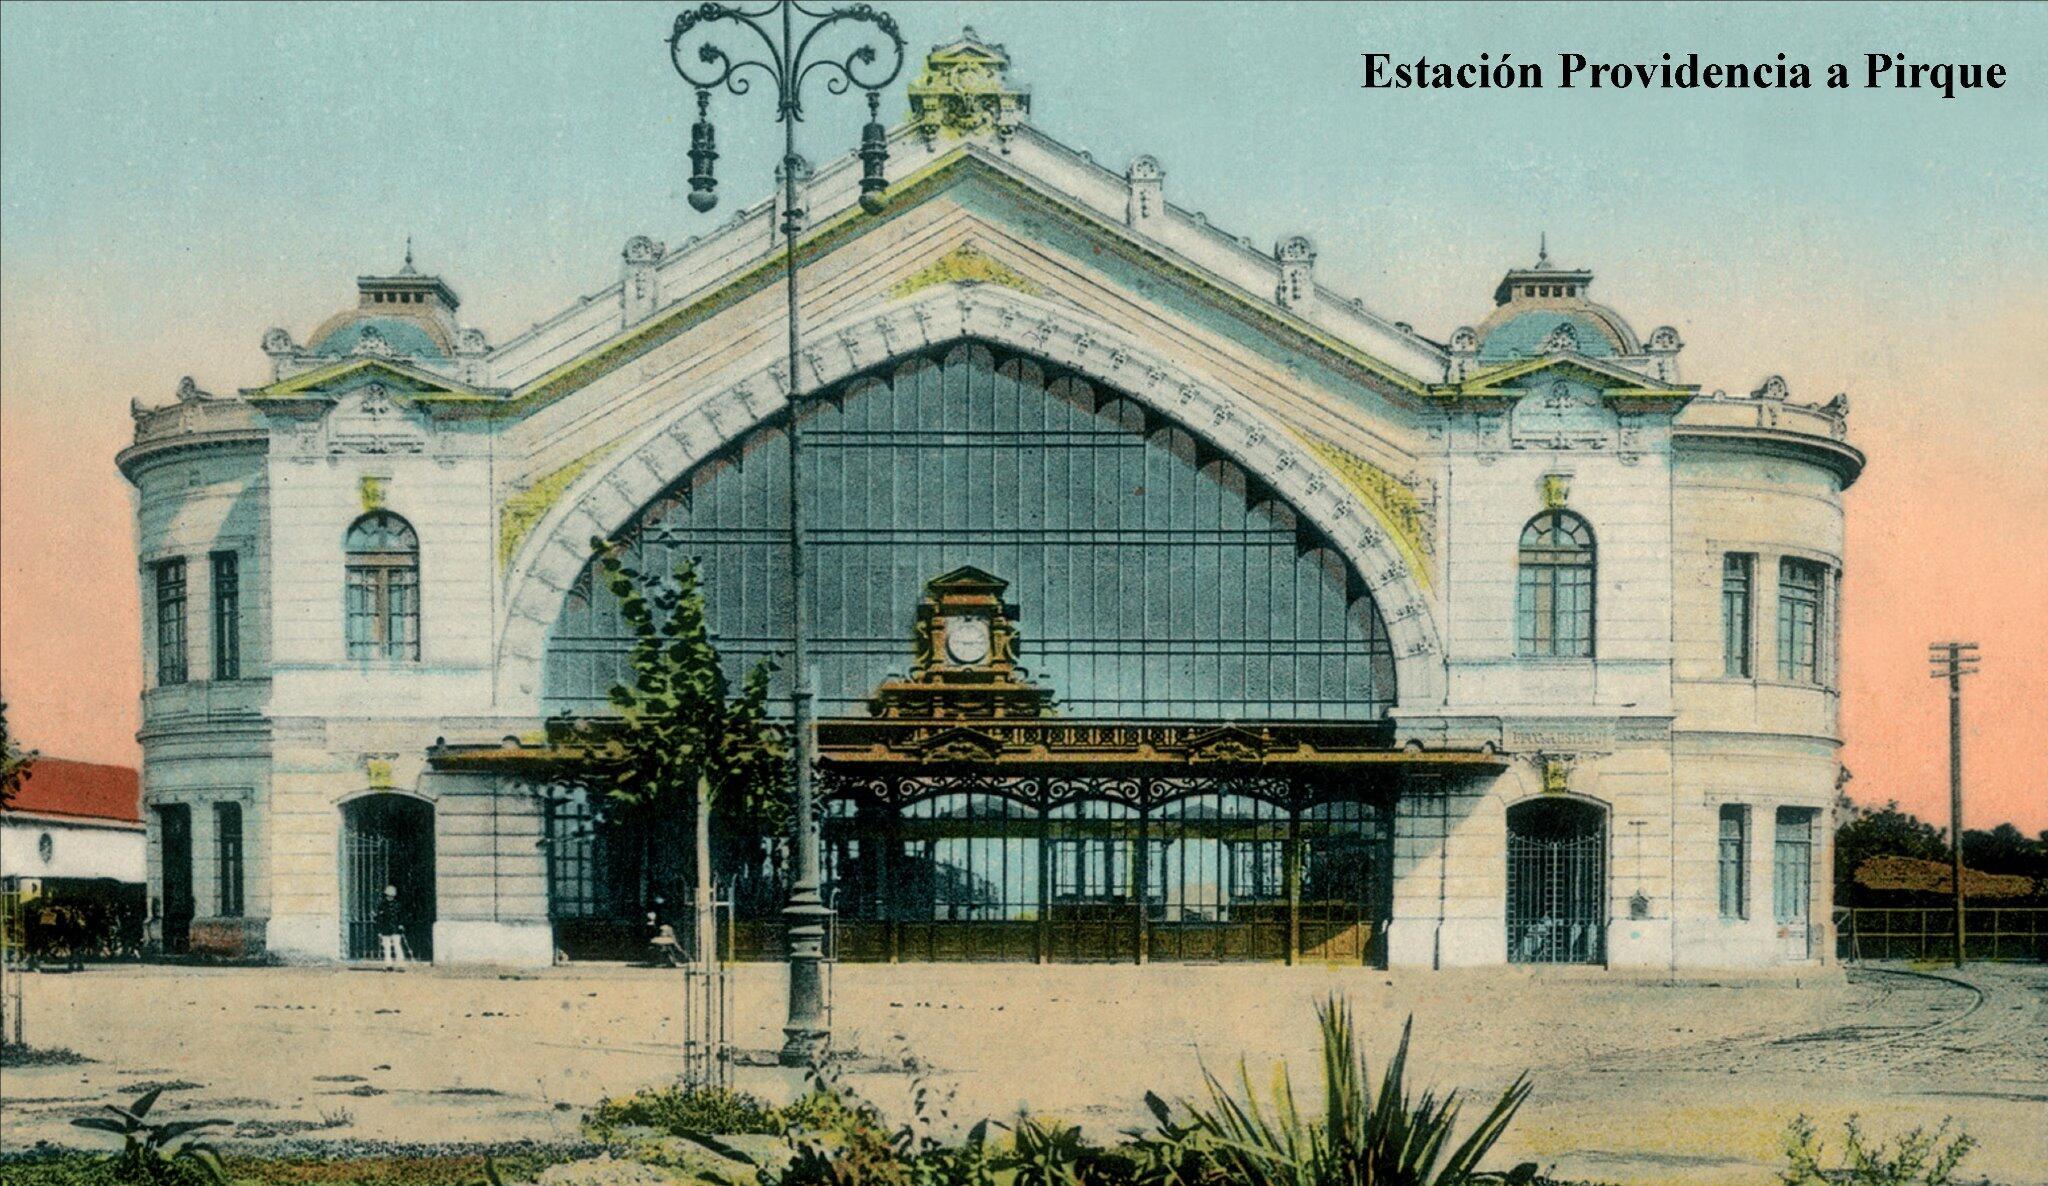 #Santiago Estación Providencia a Pirque, construida entre 1905 y 1910, demolida en 1943. Ubicada en Parque Bustamante http://t.co/W2BBkwdDtX